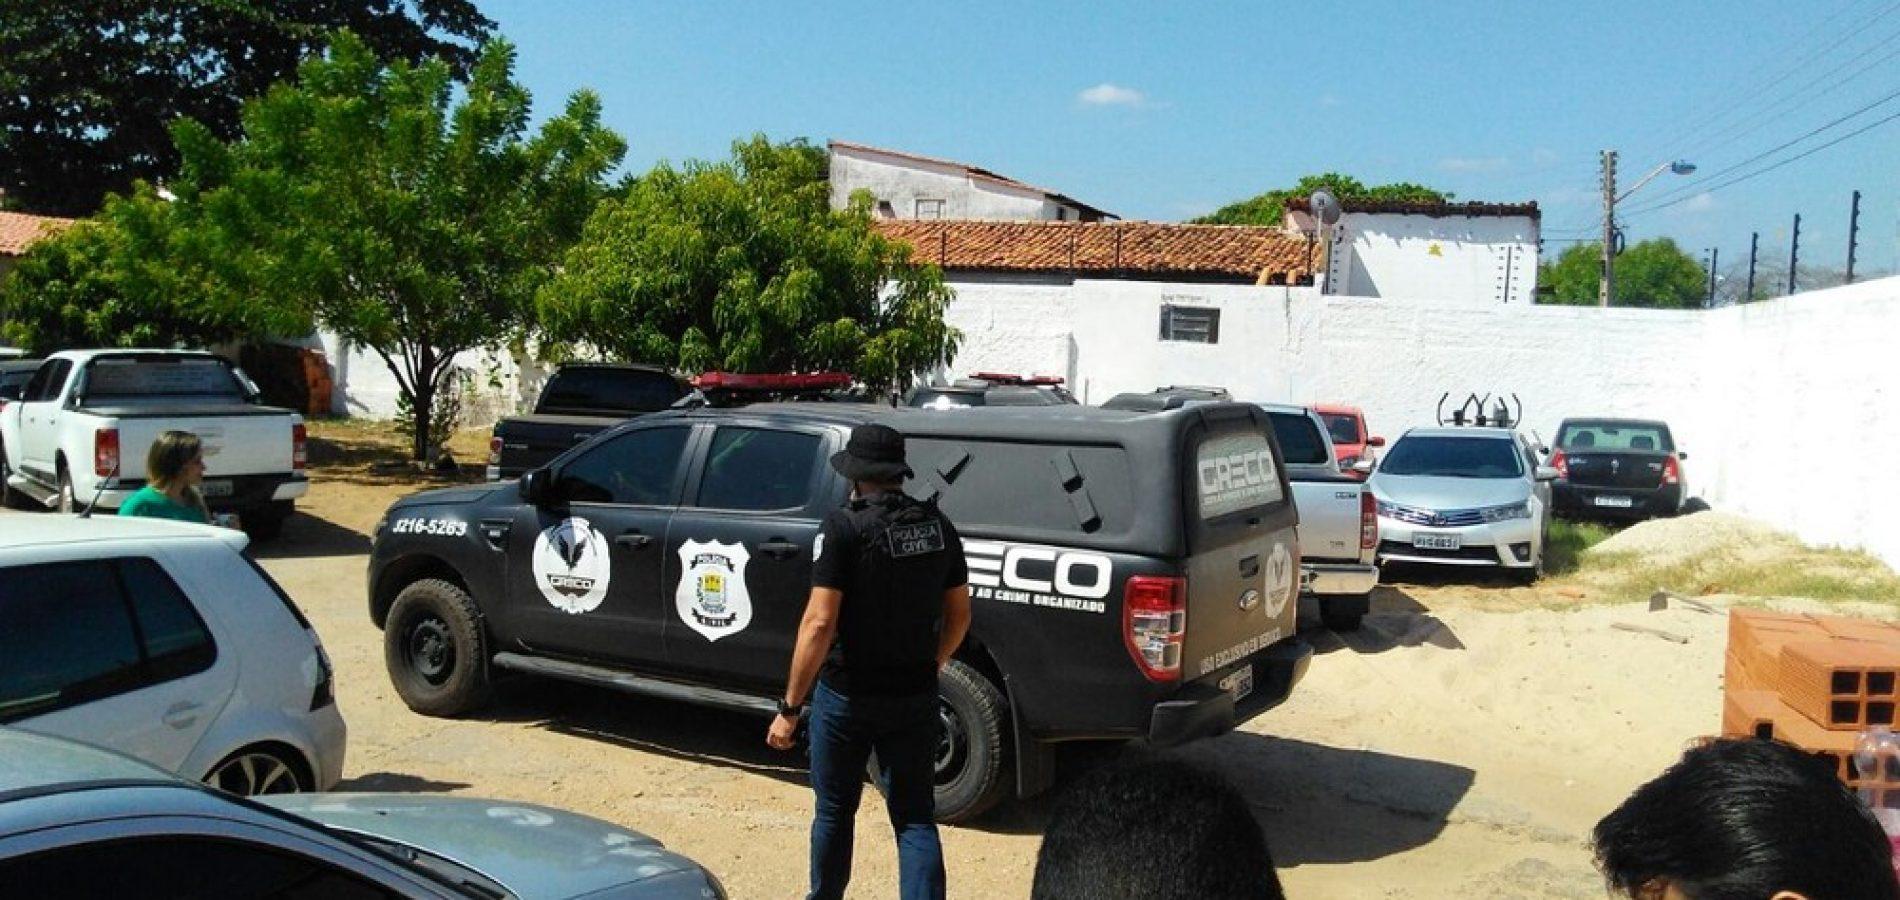 Policiais militares e civis suspeitos de organização criminosa são alvo de operação no Piauí